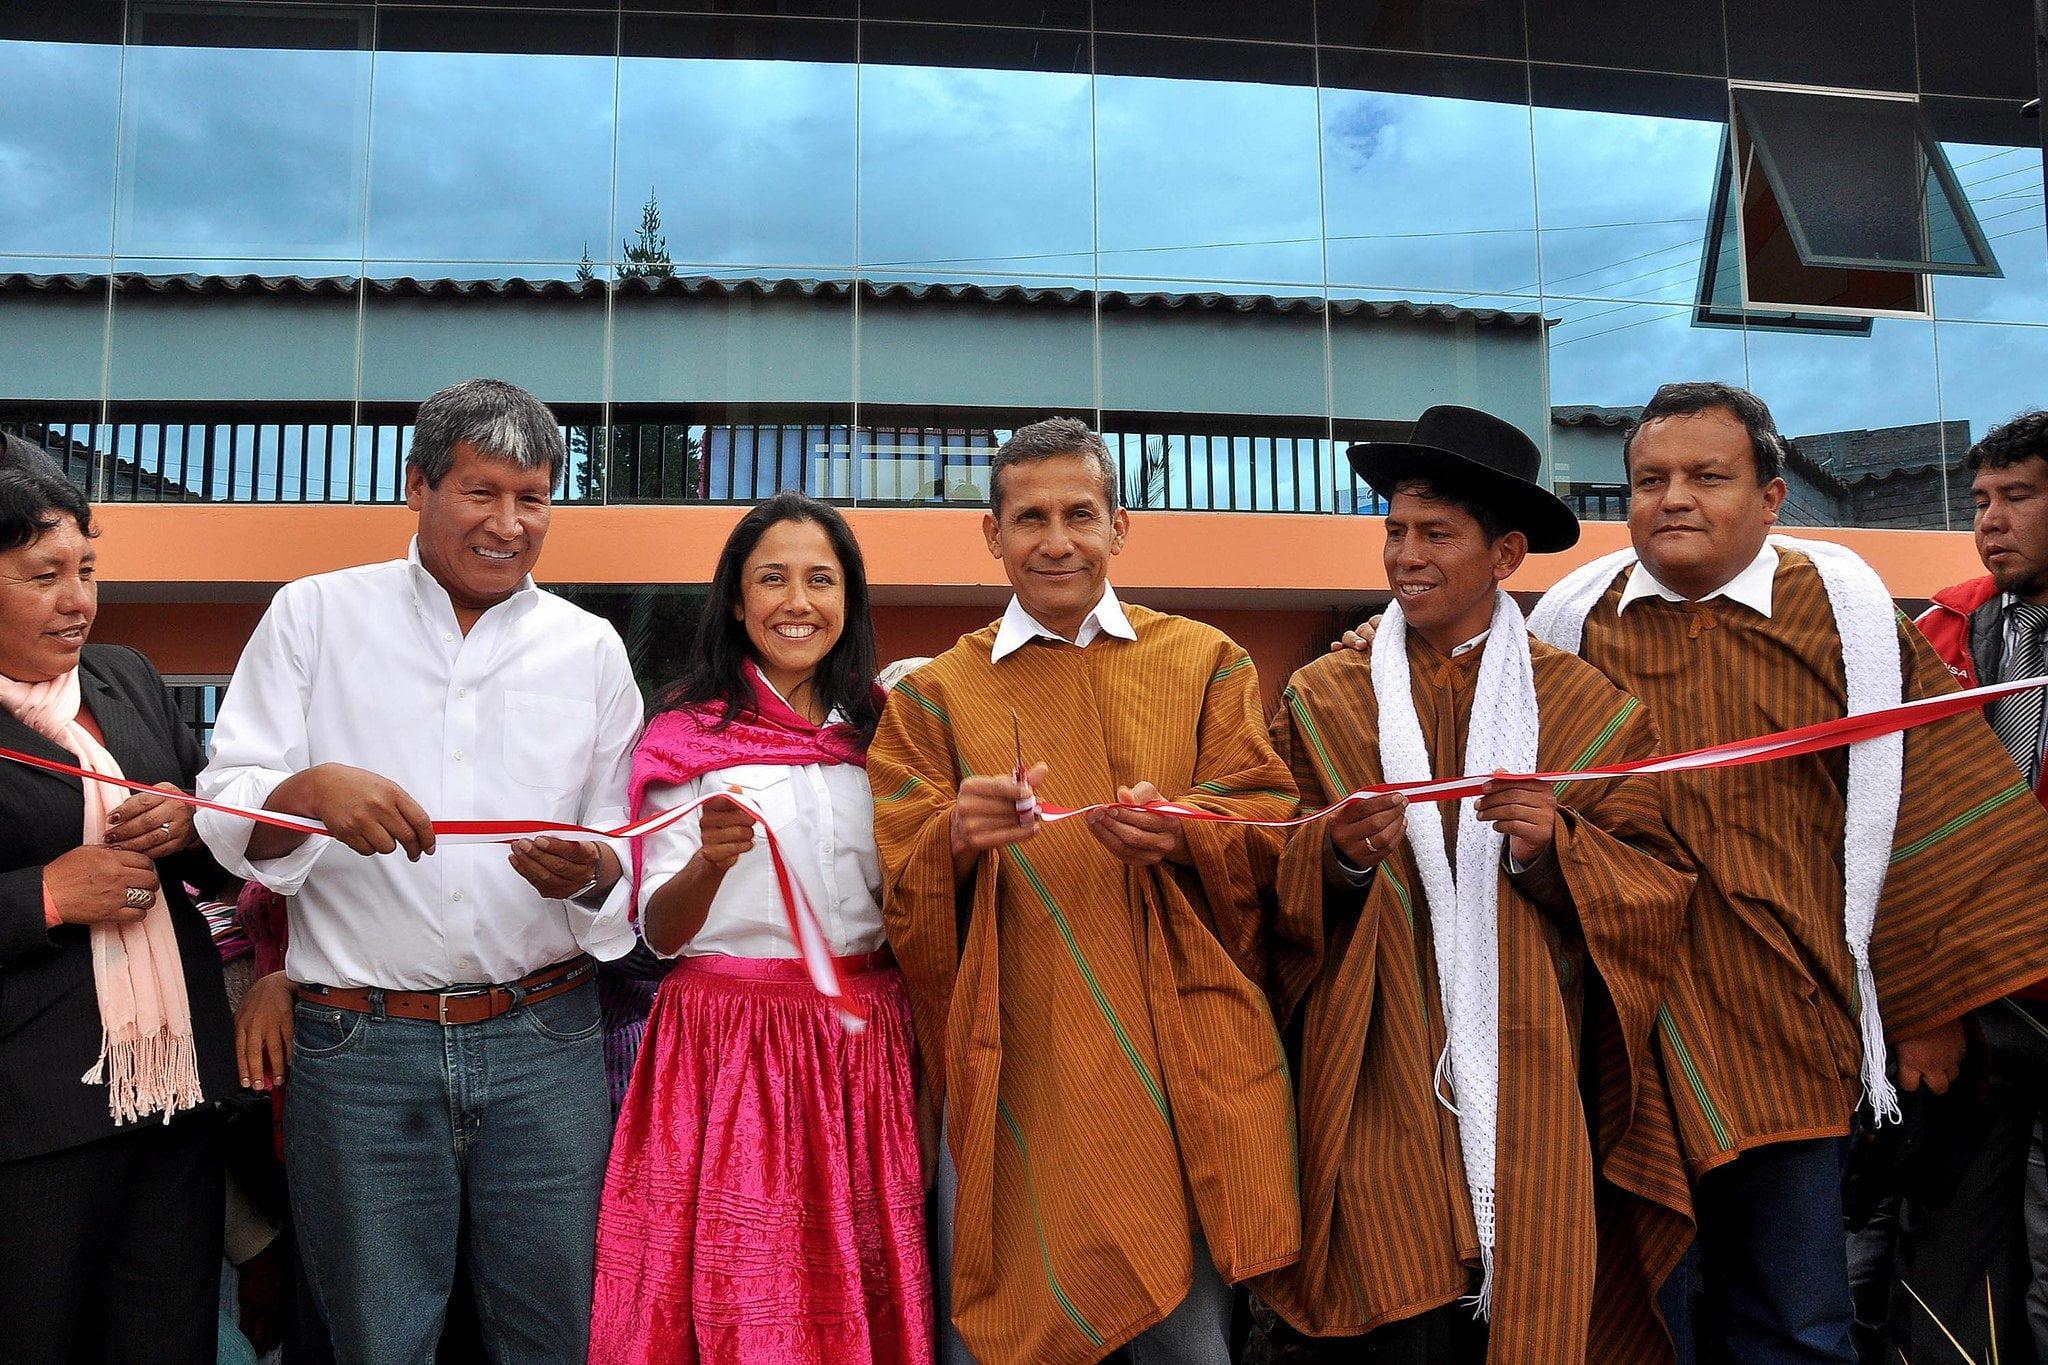 Presidente Humala inaugura obras de mejoramiento en I.E. 38132, en Los Morochucos, Cangallo, Ayacucho